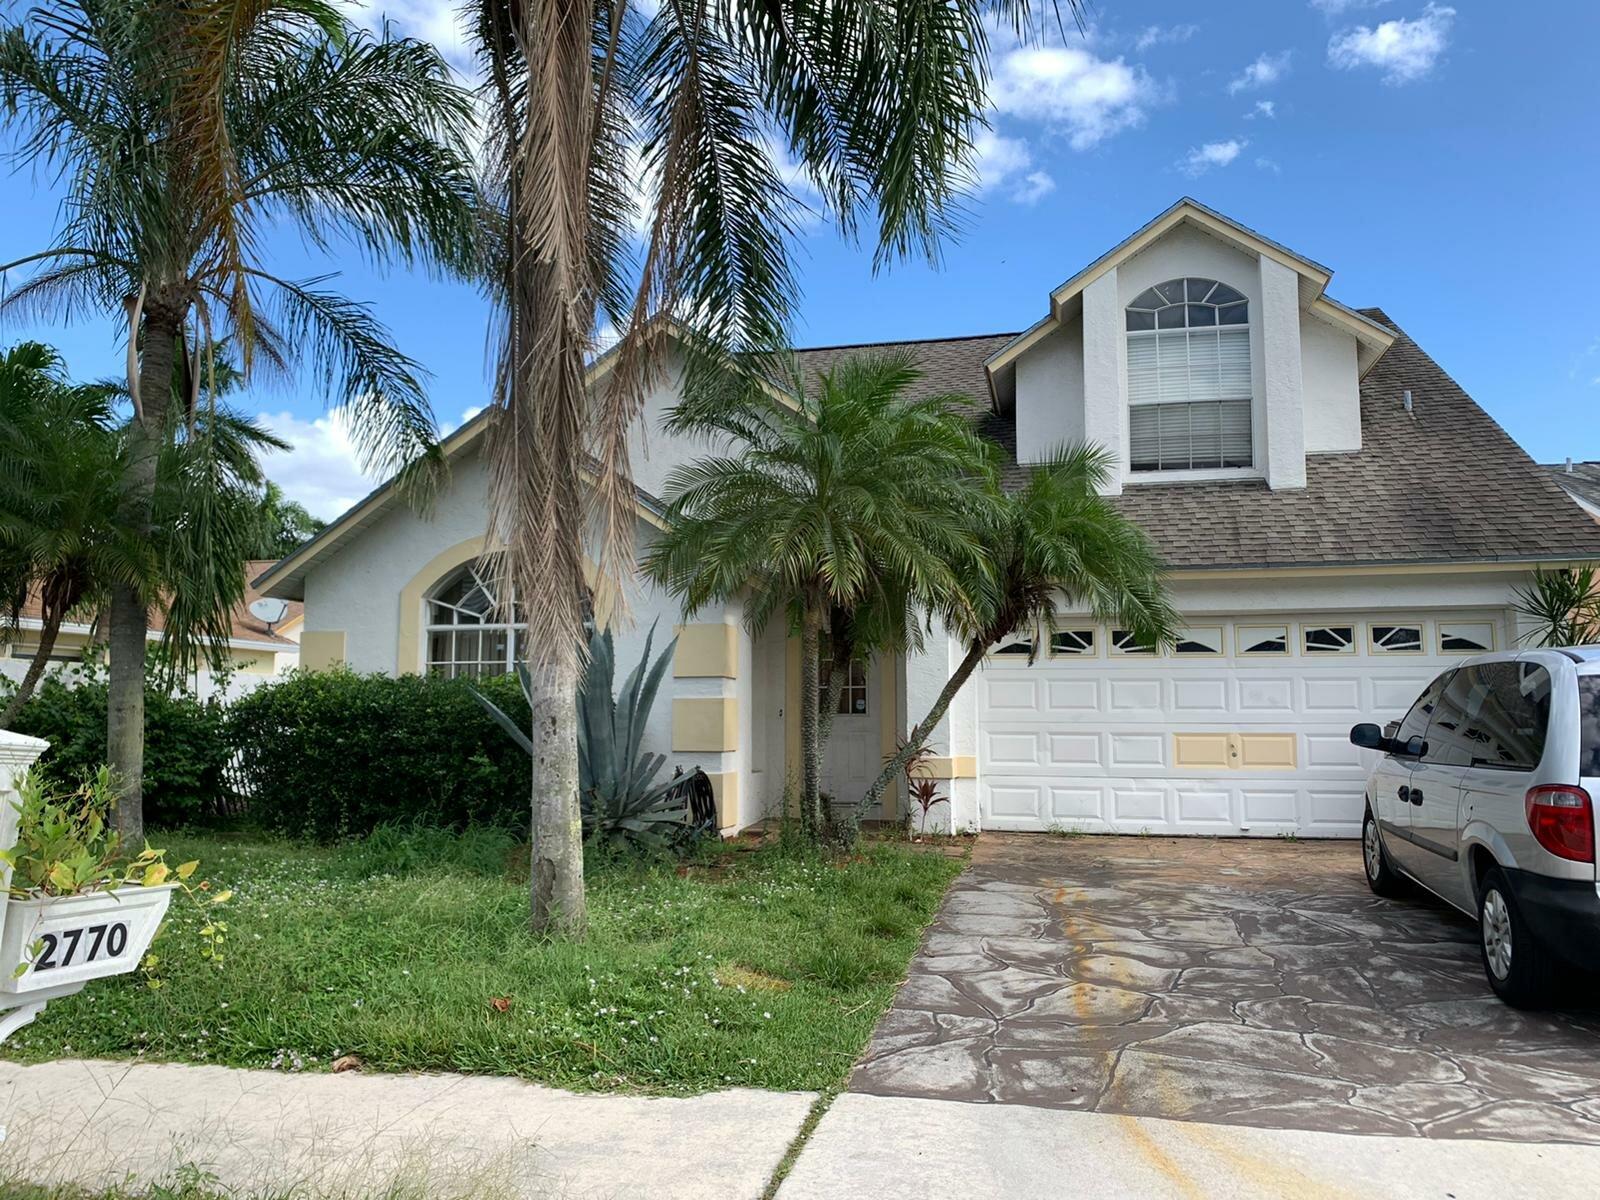 2770 Foxhall Dr W, West Palm Beach, FL 33417